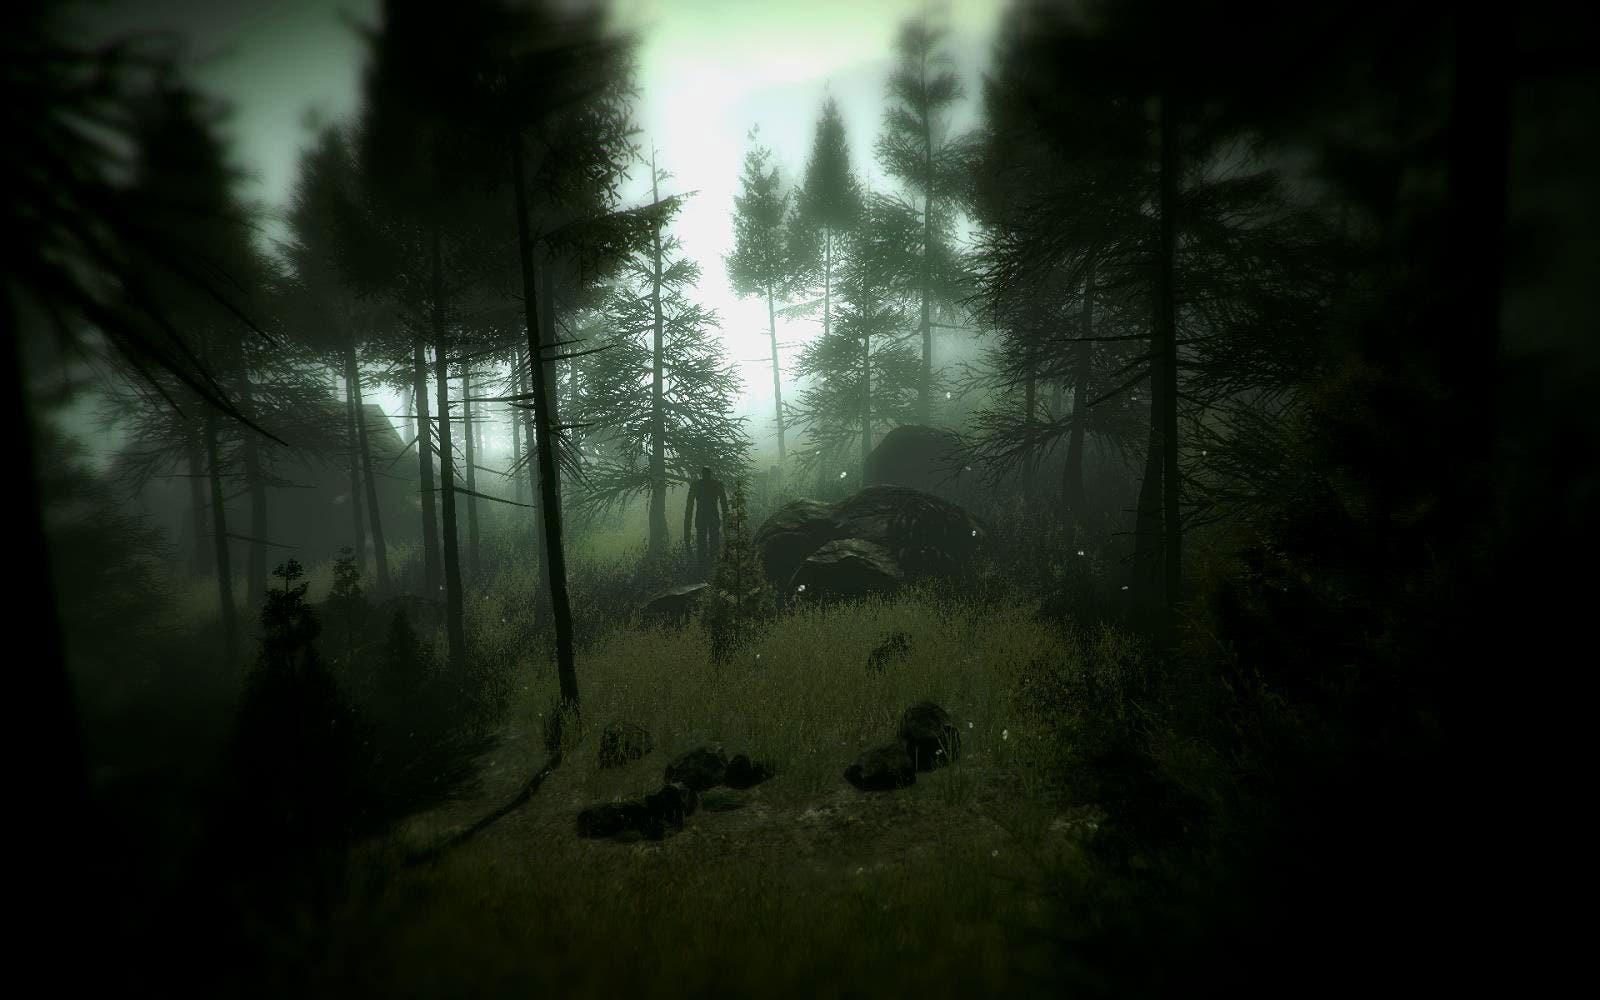 forestfog